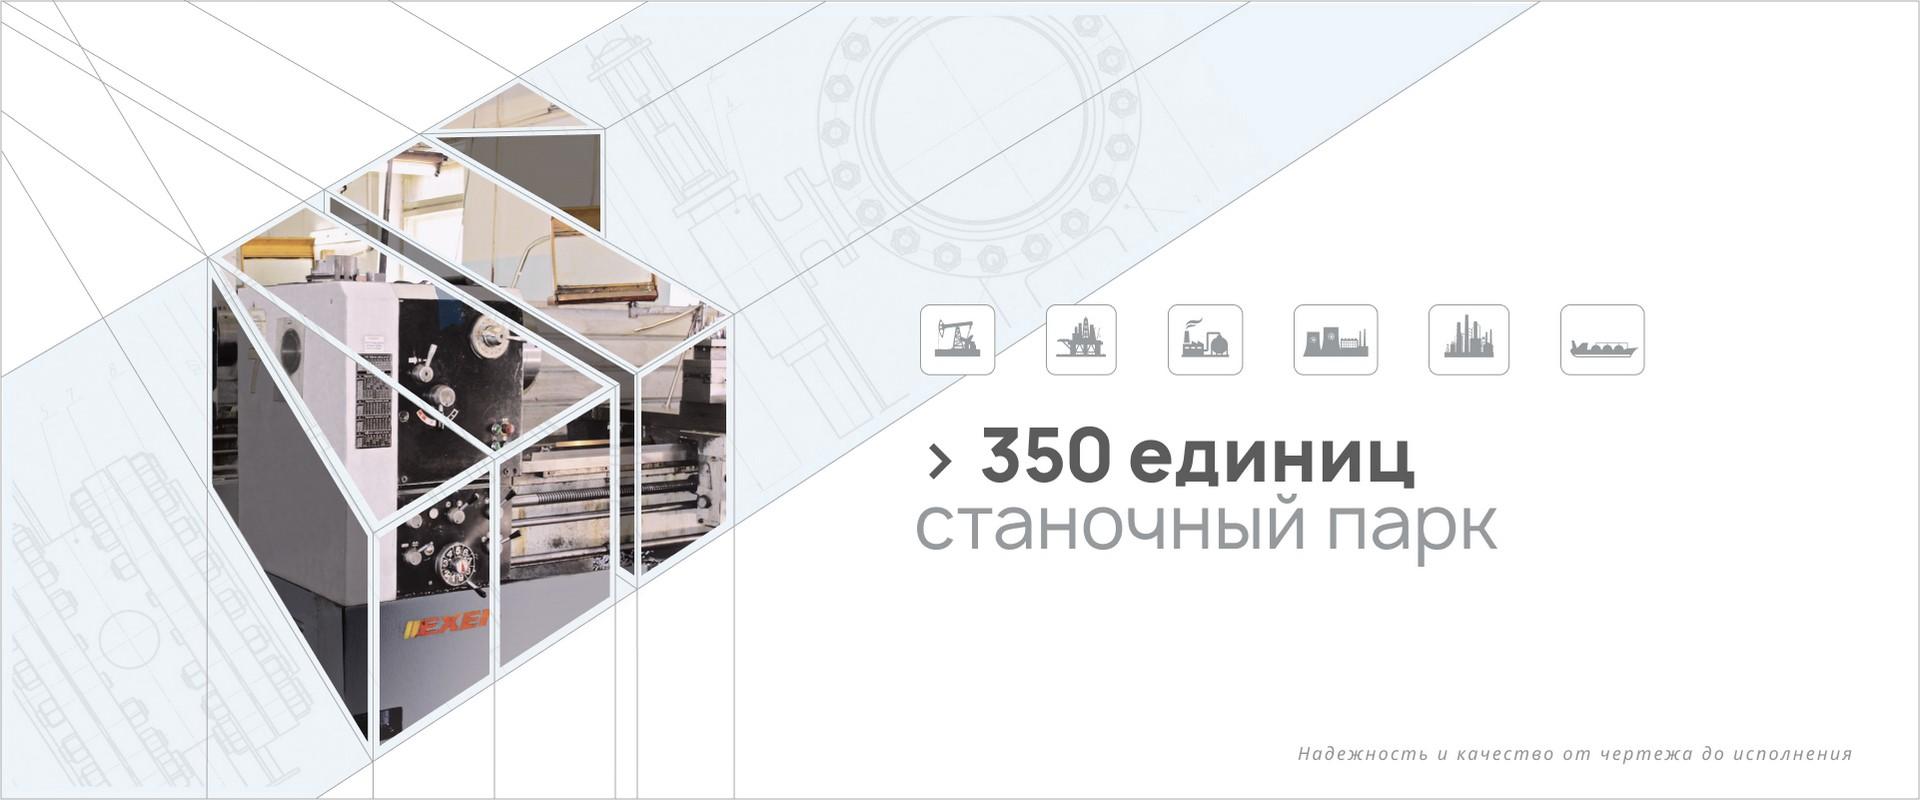 Производственный парк включает 360 станков и уникальное оборудование